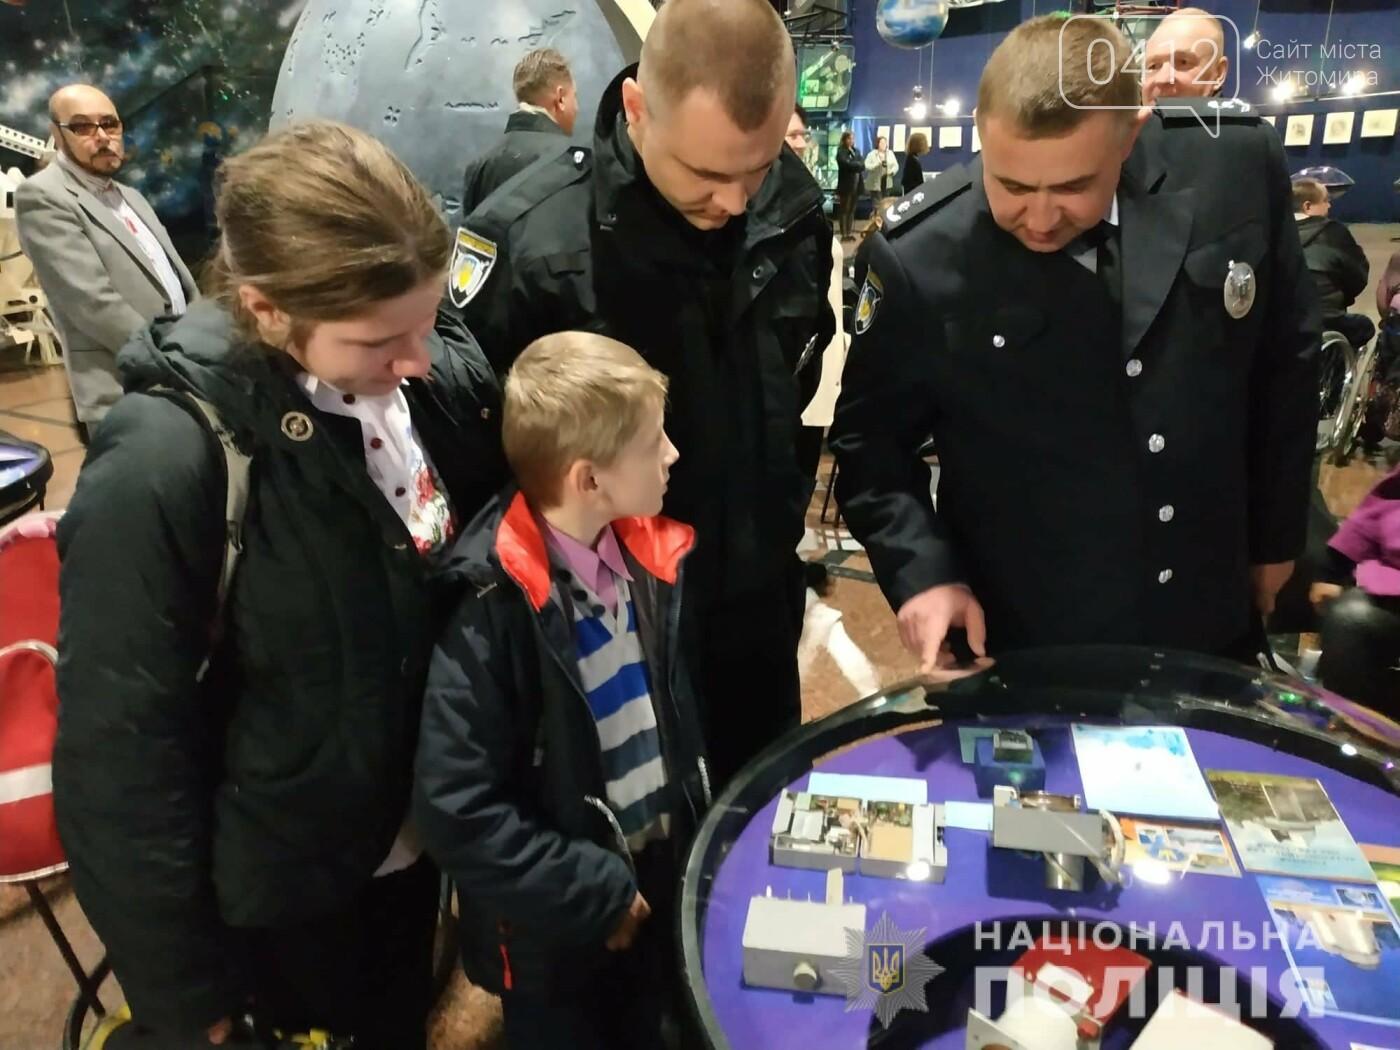 Поліцейські Житомирщини запросили на «космічну екскурсію» до музею , фото-1